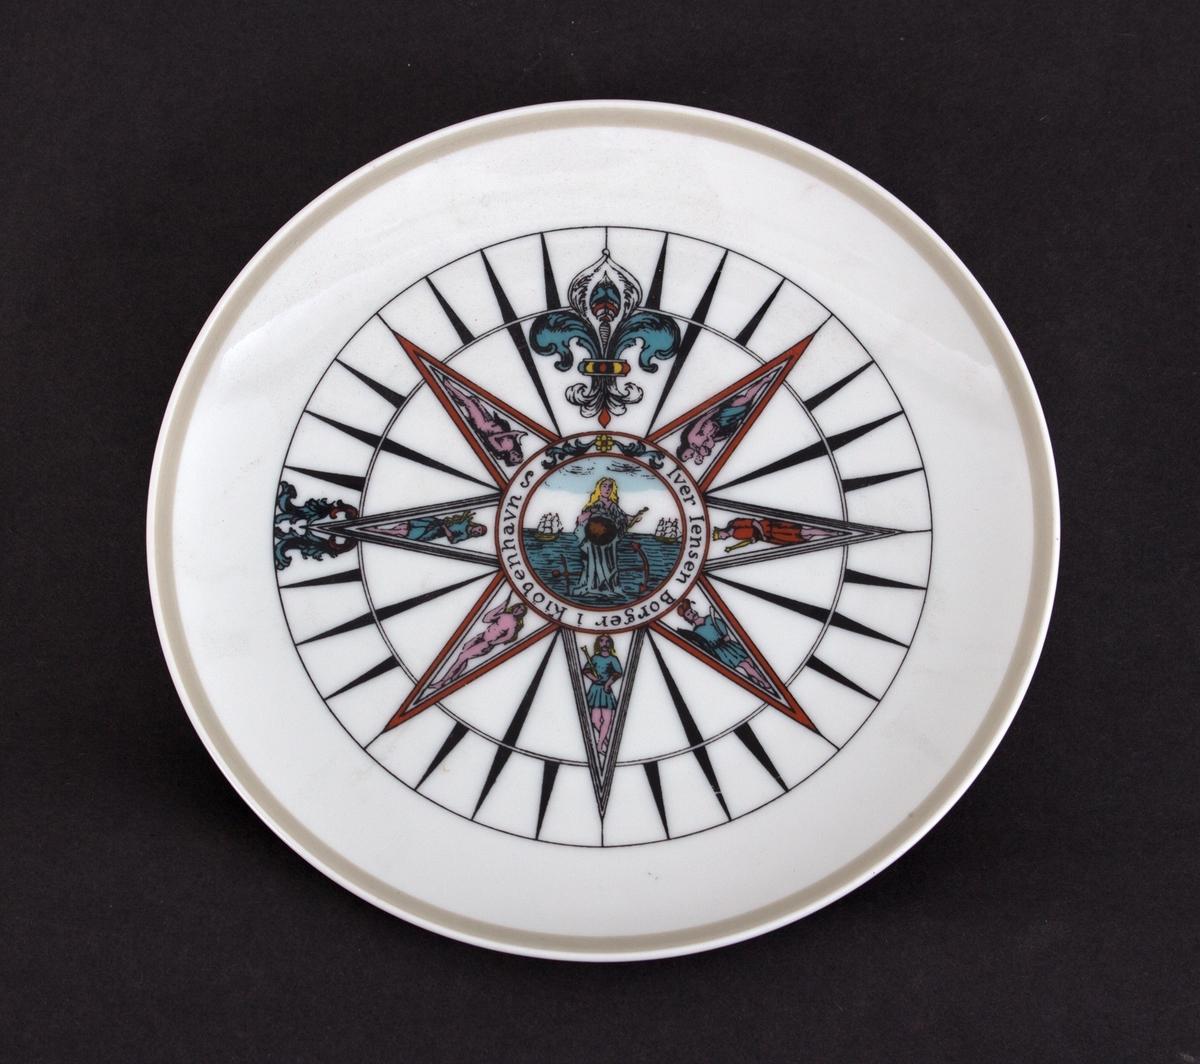 Tallerken med motiv av kompassrose i åtte deler dekorert med ulike figurer.